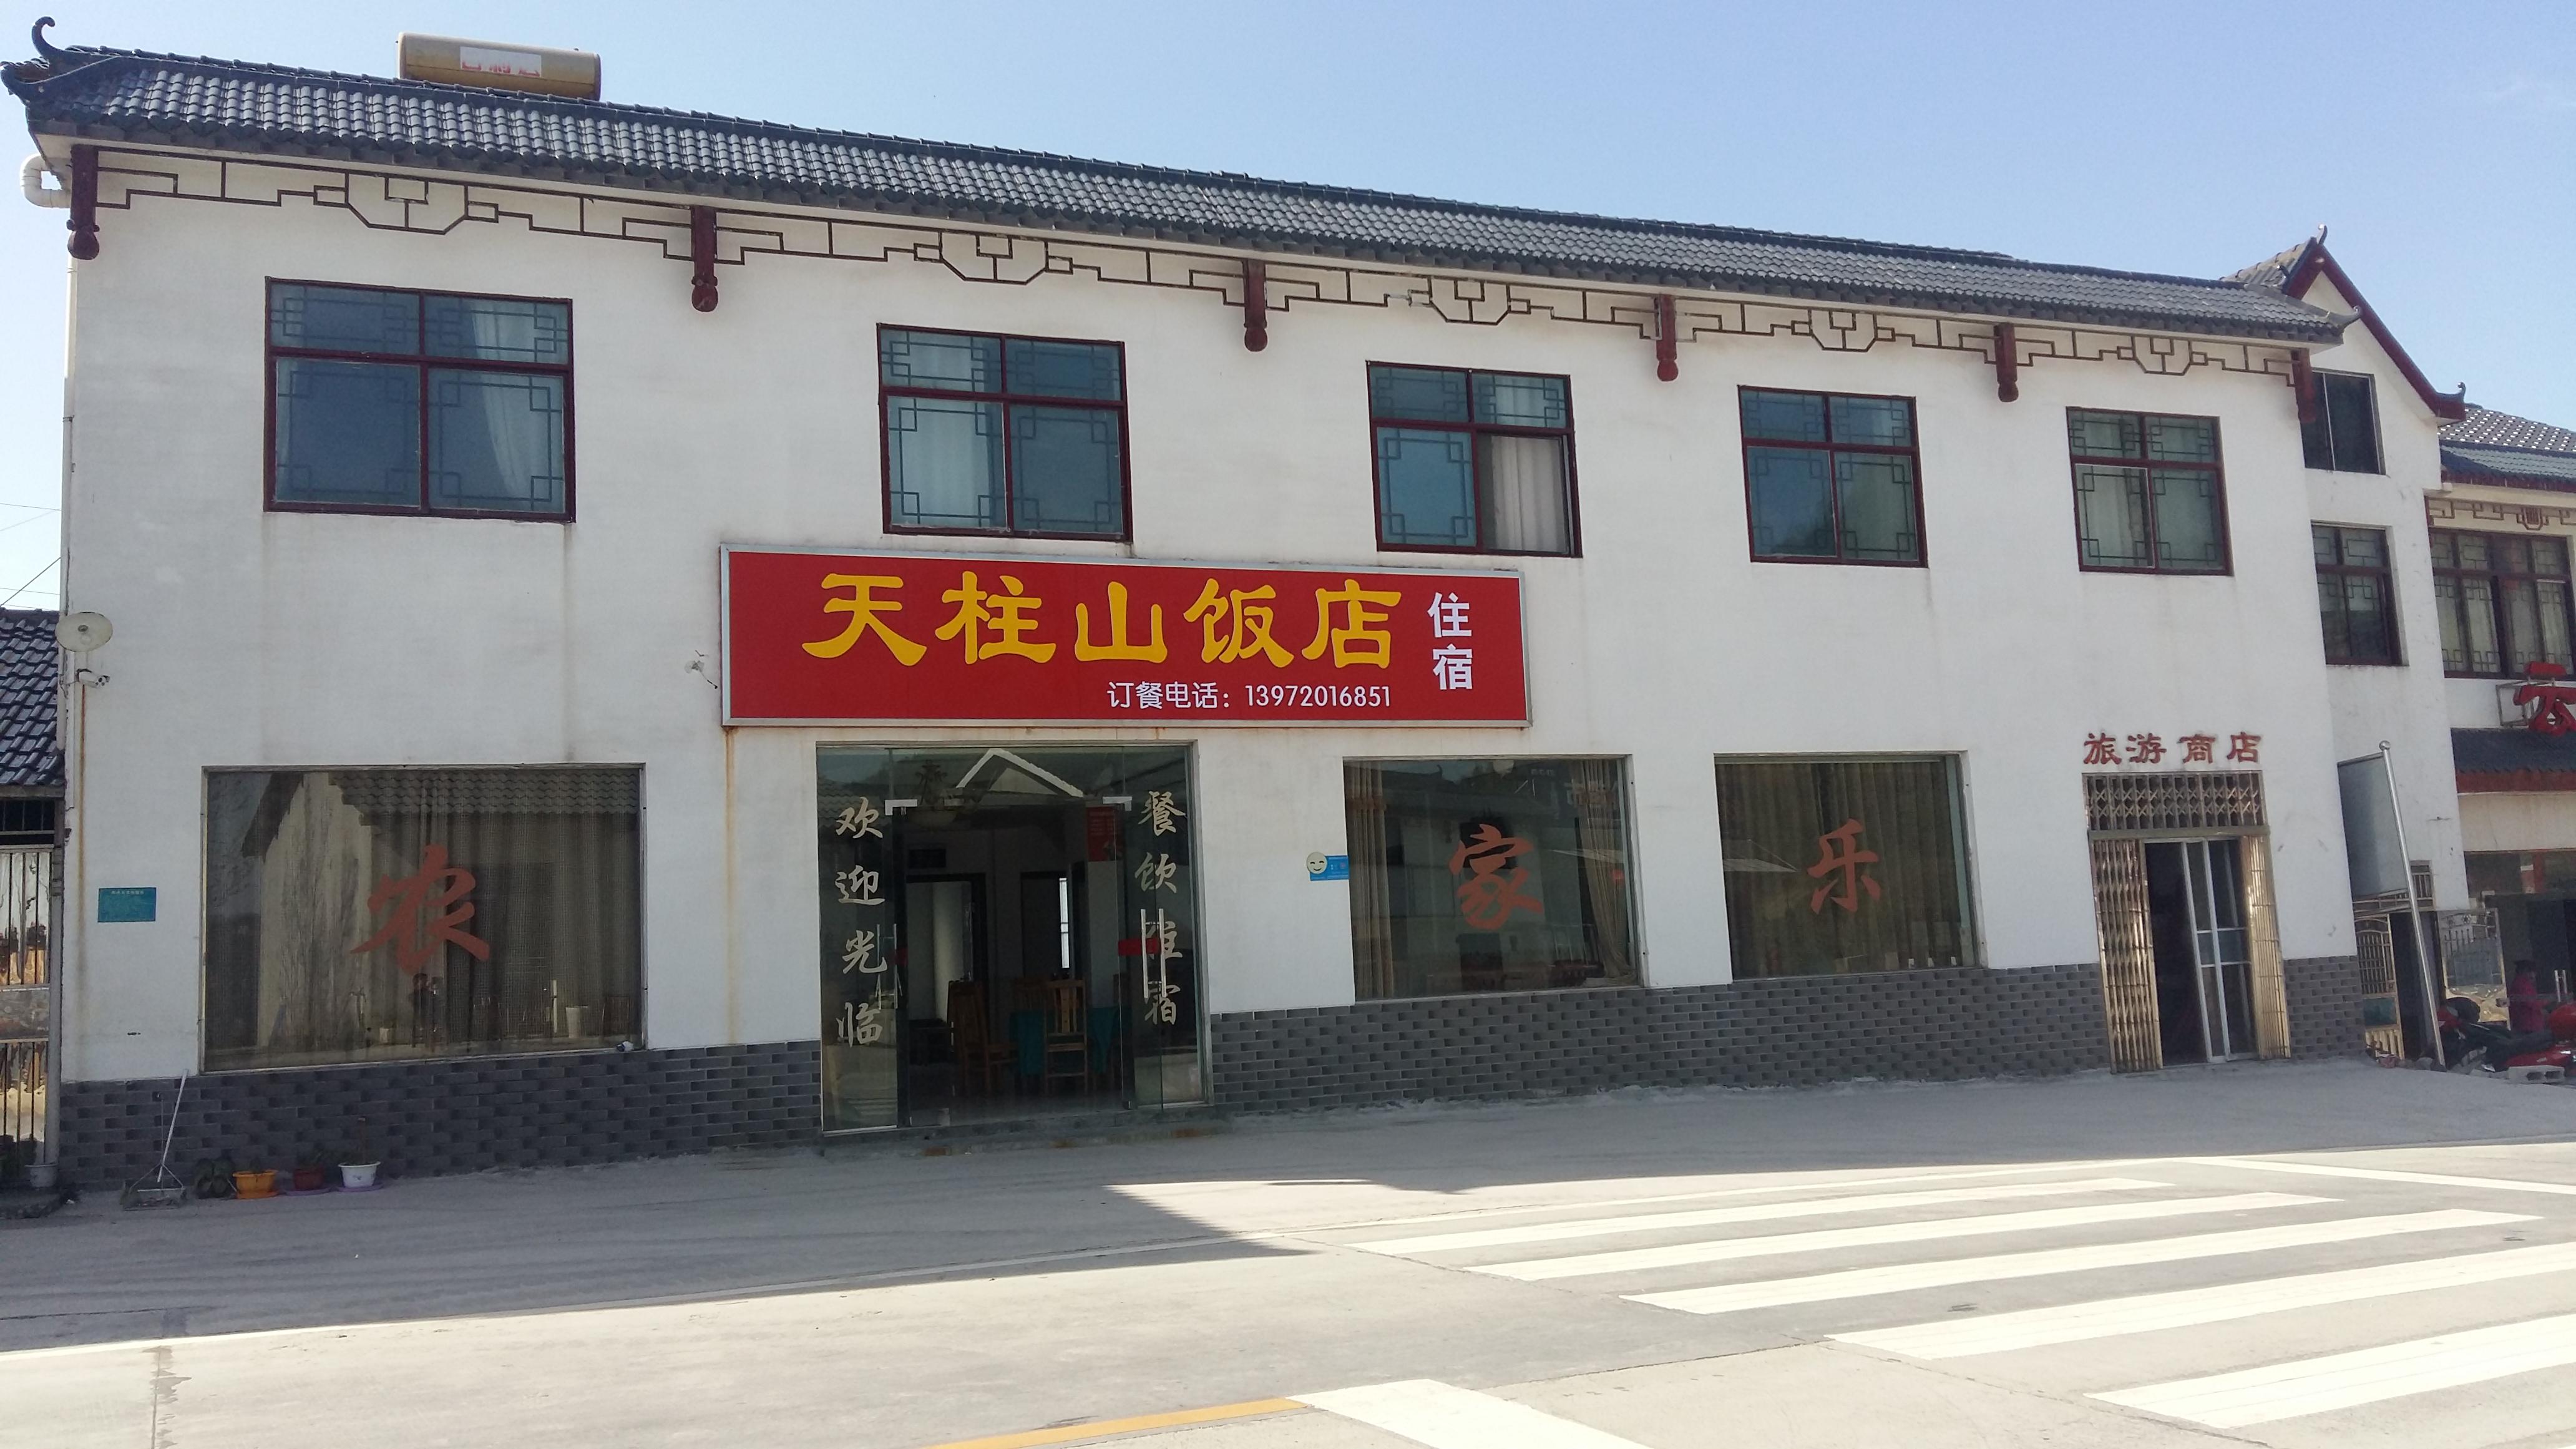 Zhongwudang Scenic Area